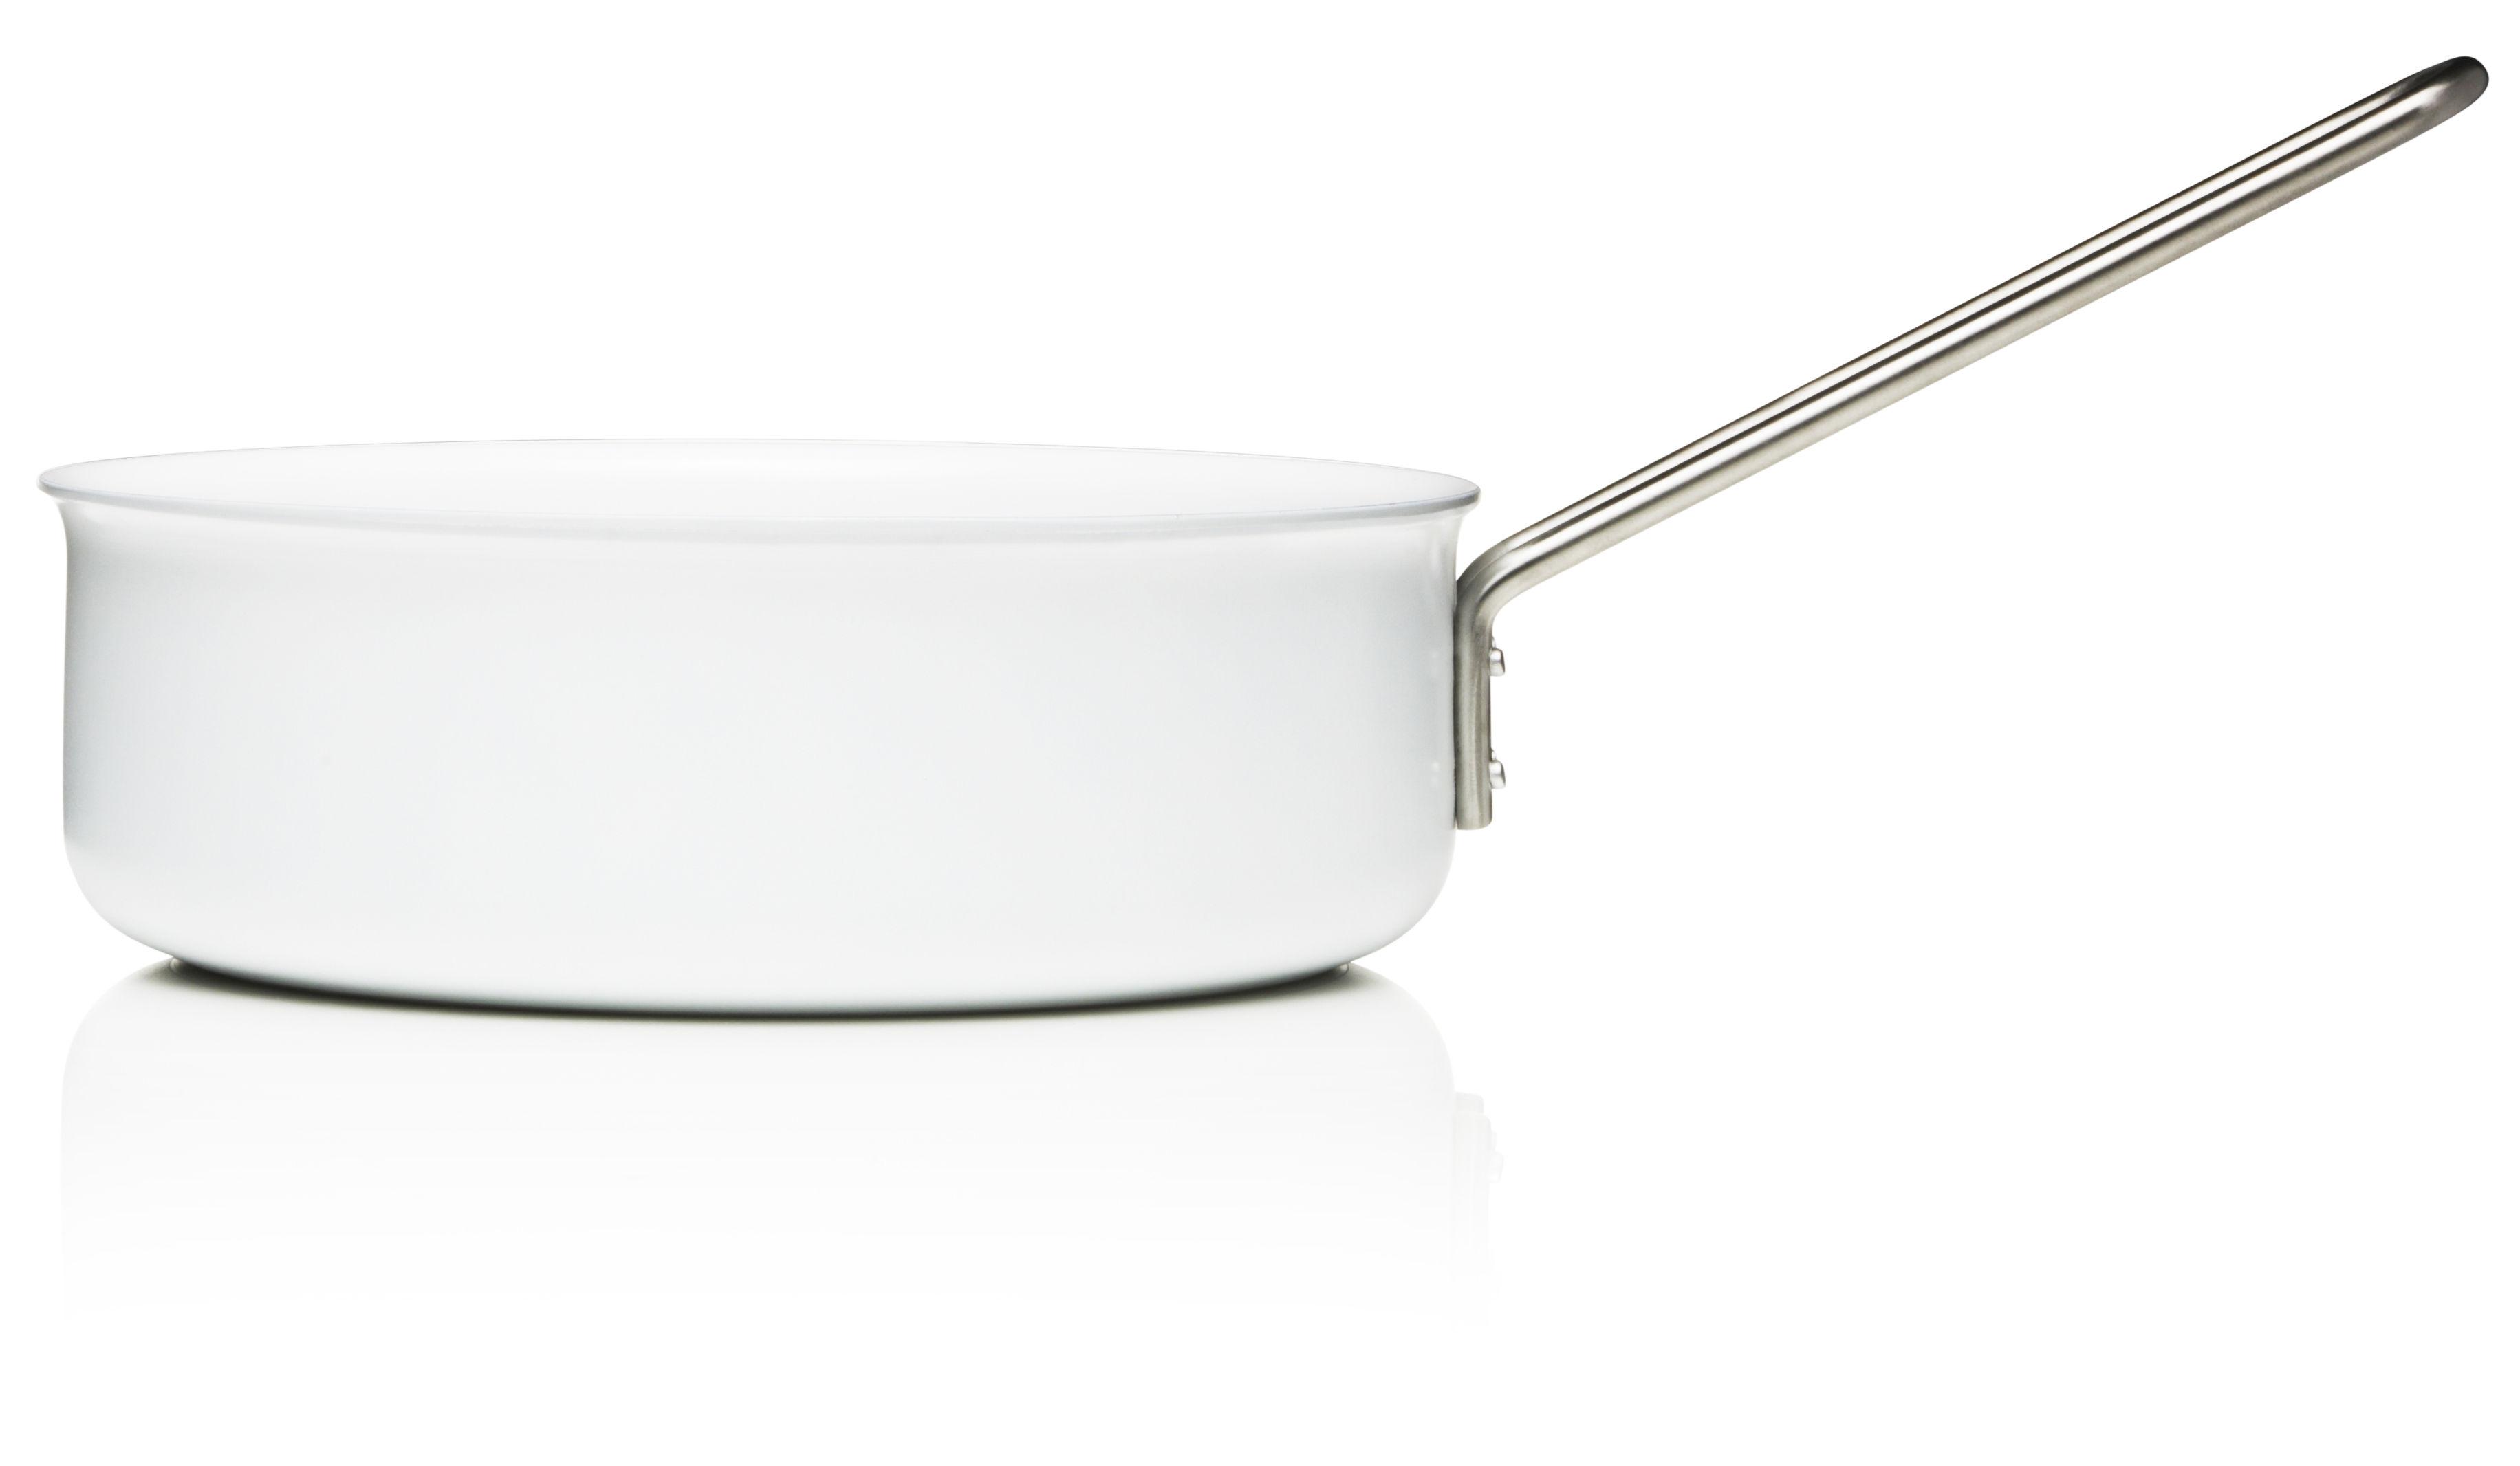 Küche - Pfannen, Koch- und Schmortöpfe - White Line Schmortopf Ø 24 cm - Eva Trio - Ø 24 cm - weiß - Aluminium, Keramik, rostfreier Stahl